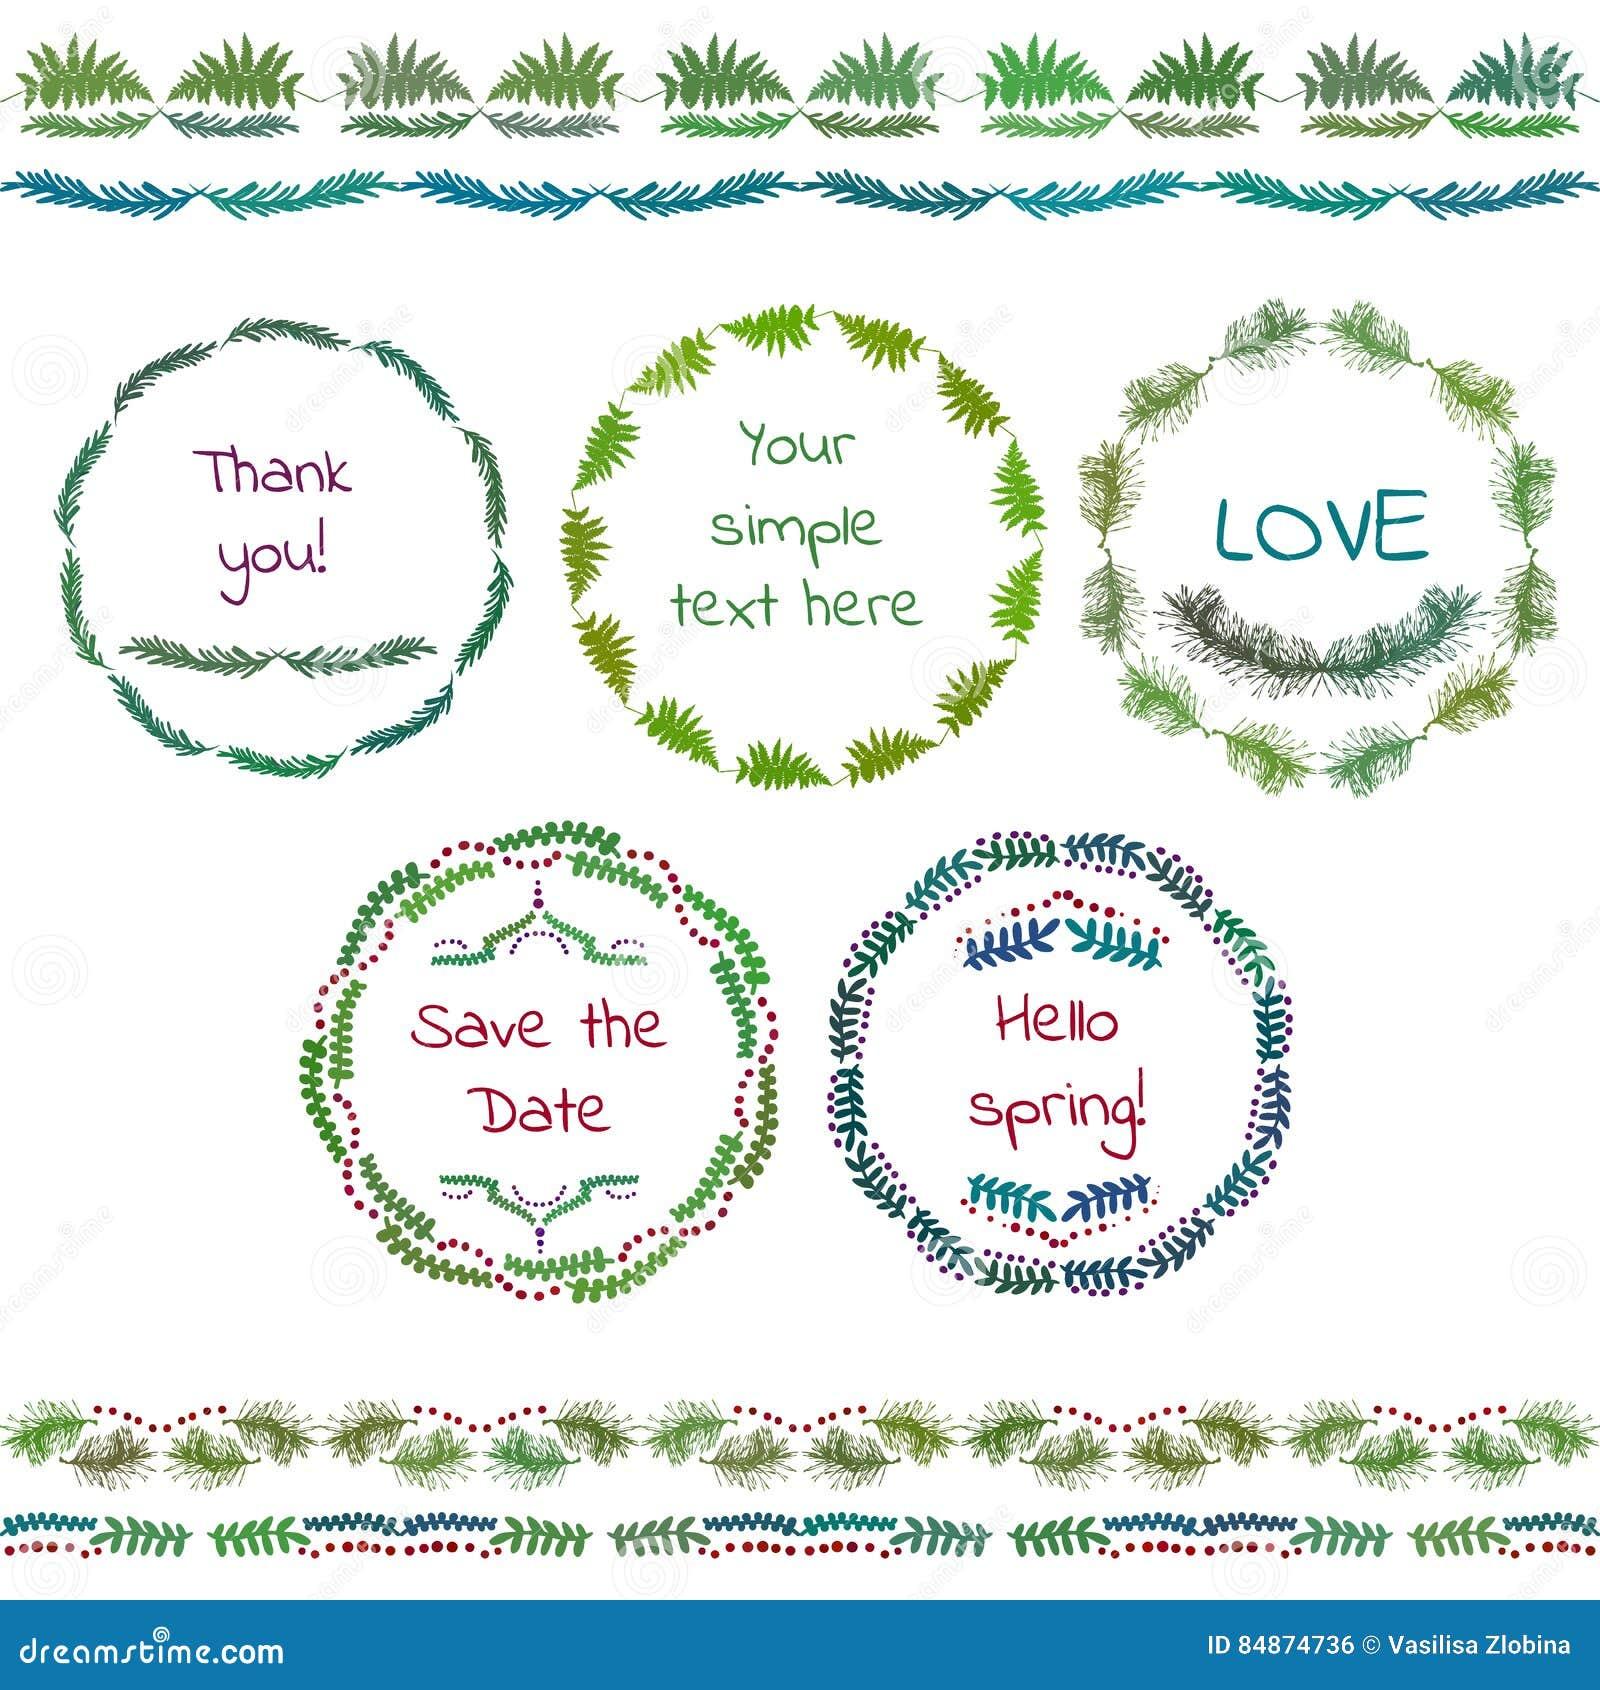 la mano rstica bosquej el sistema de elementos de la boda garabatos florales hojas ramas flores pjaros laureles banderas